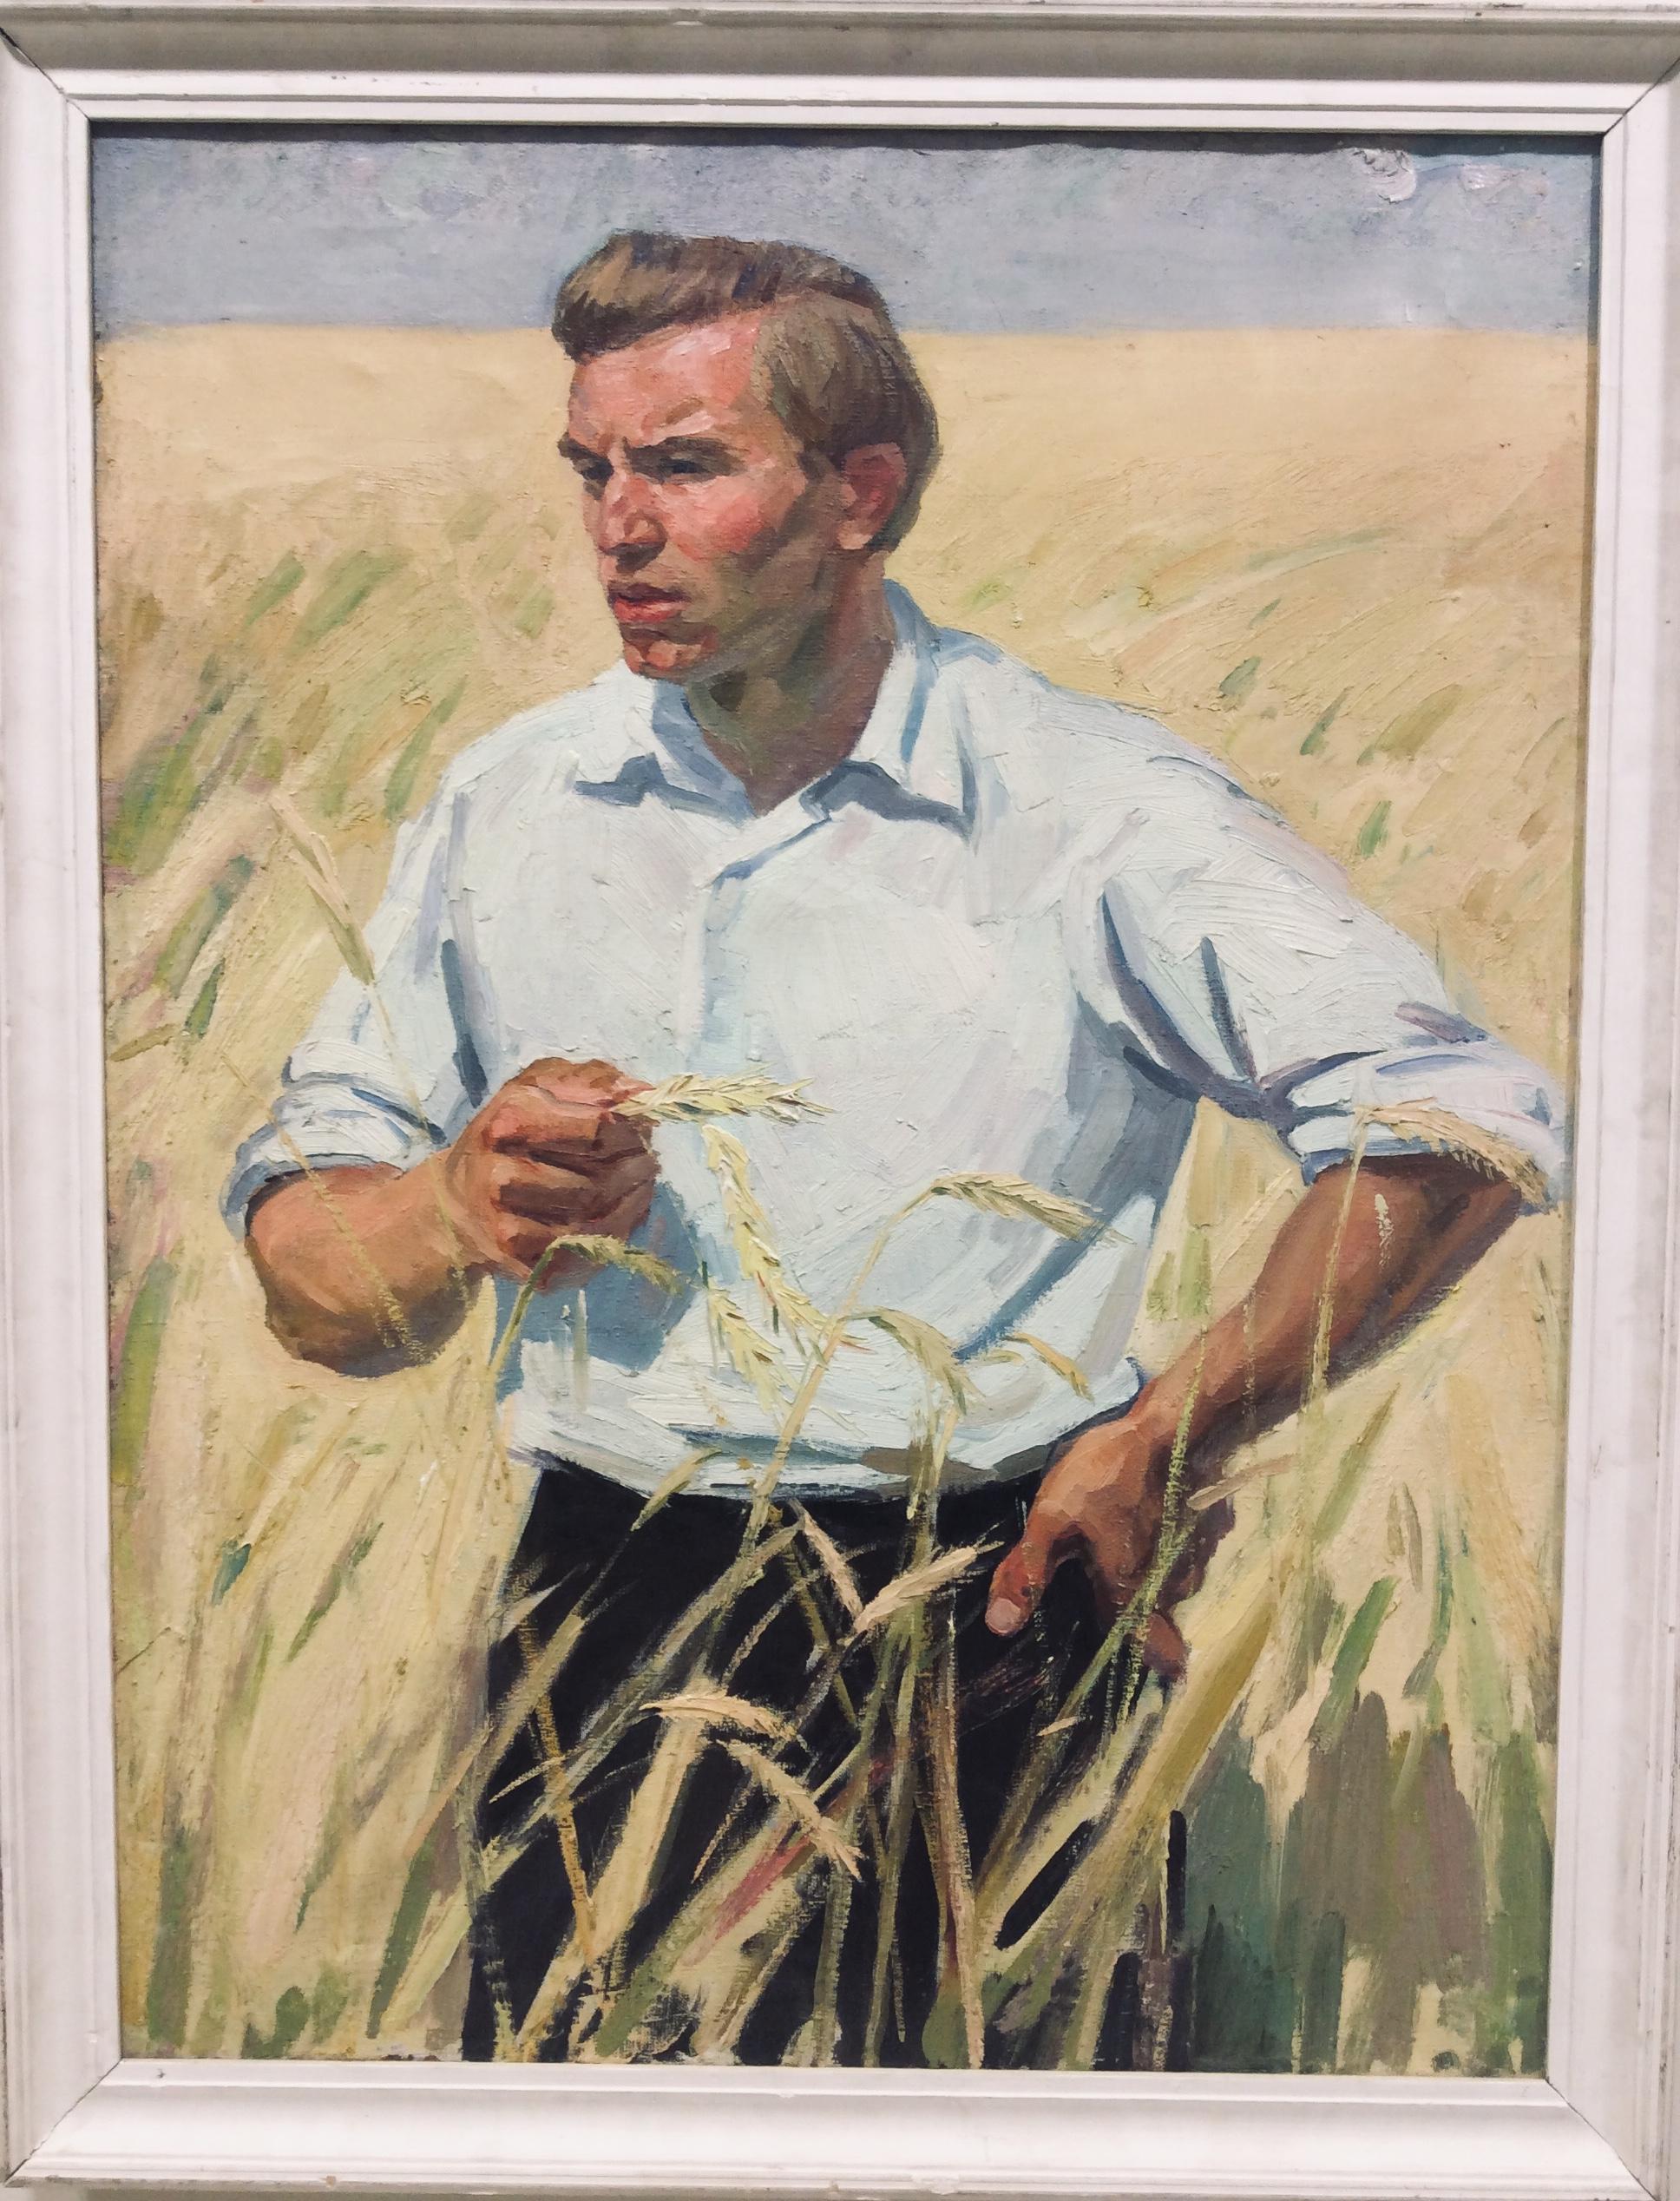 Г.Гришин. Мужской портрет. 1975г.